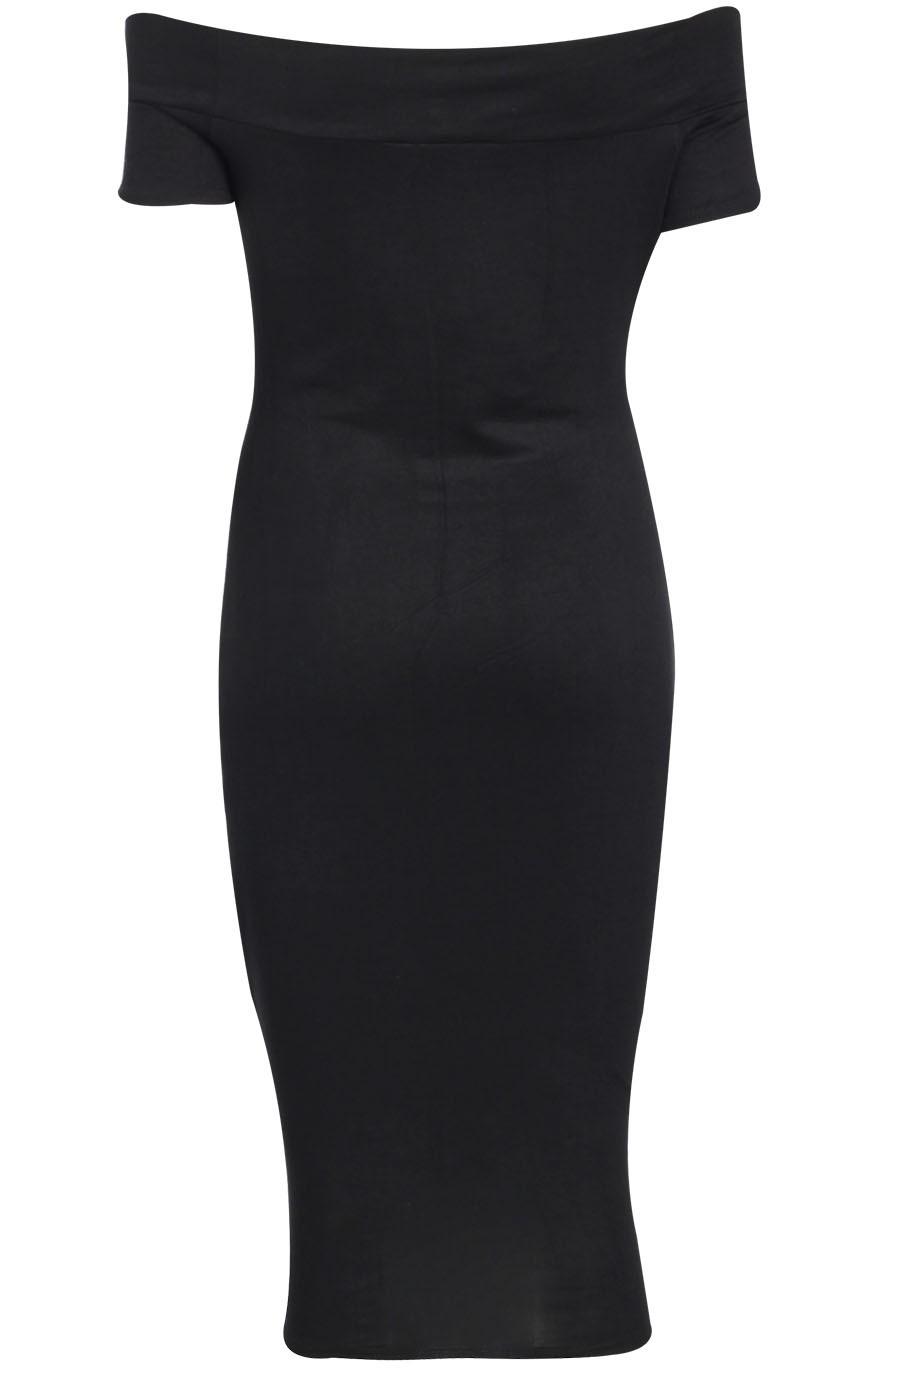 982817369b4d celebrity basic φόρεμα bardot έξω ώμοι